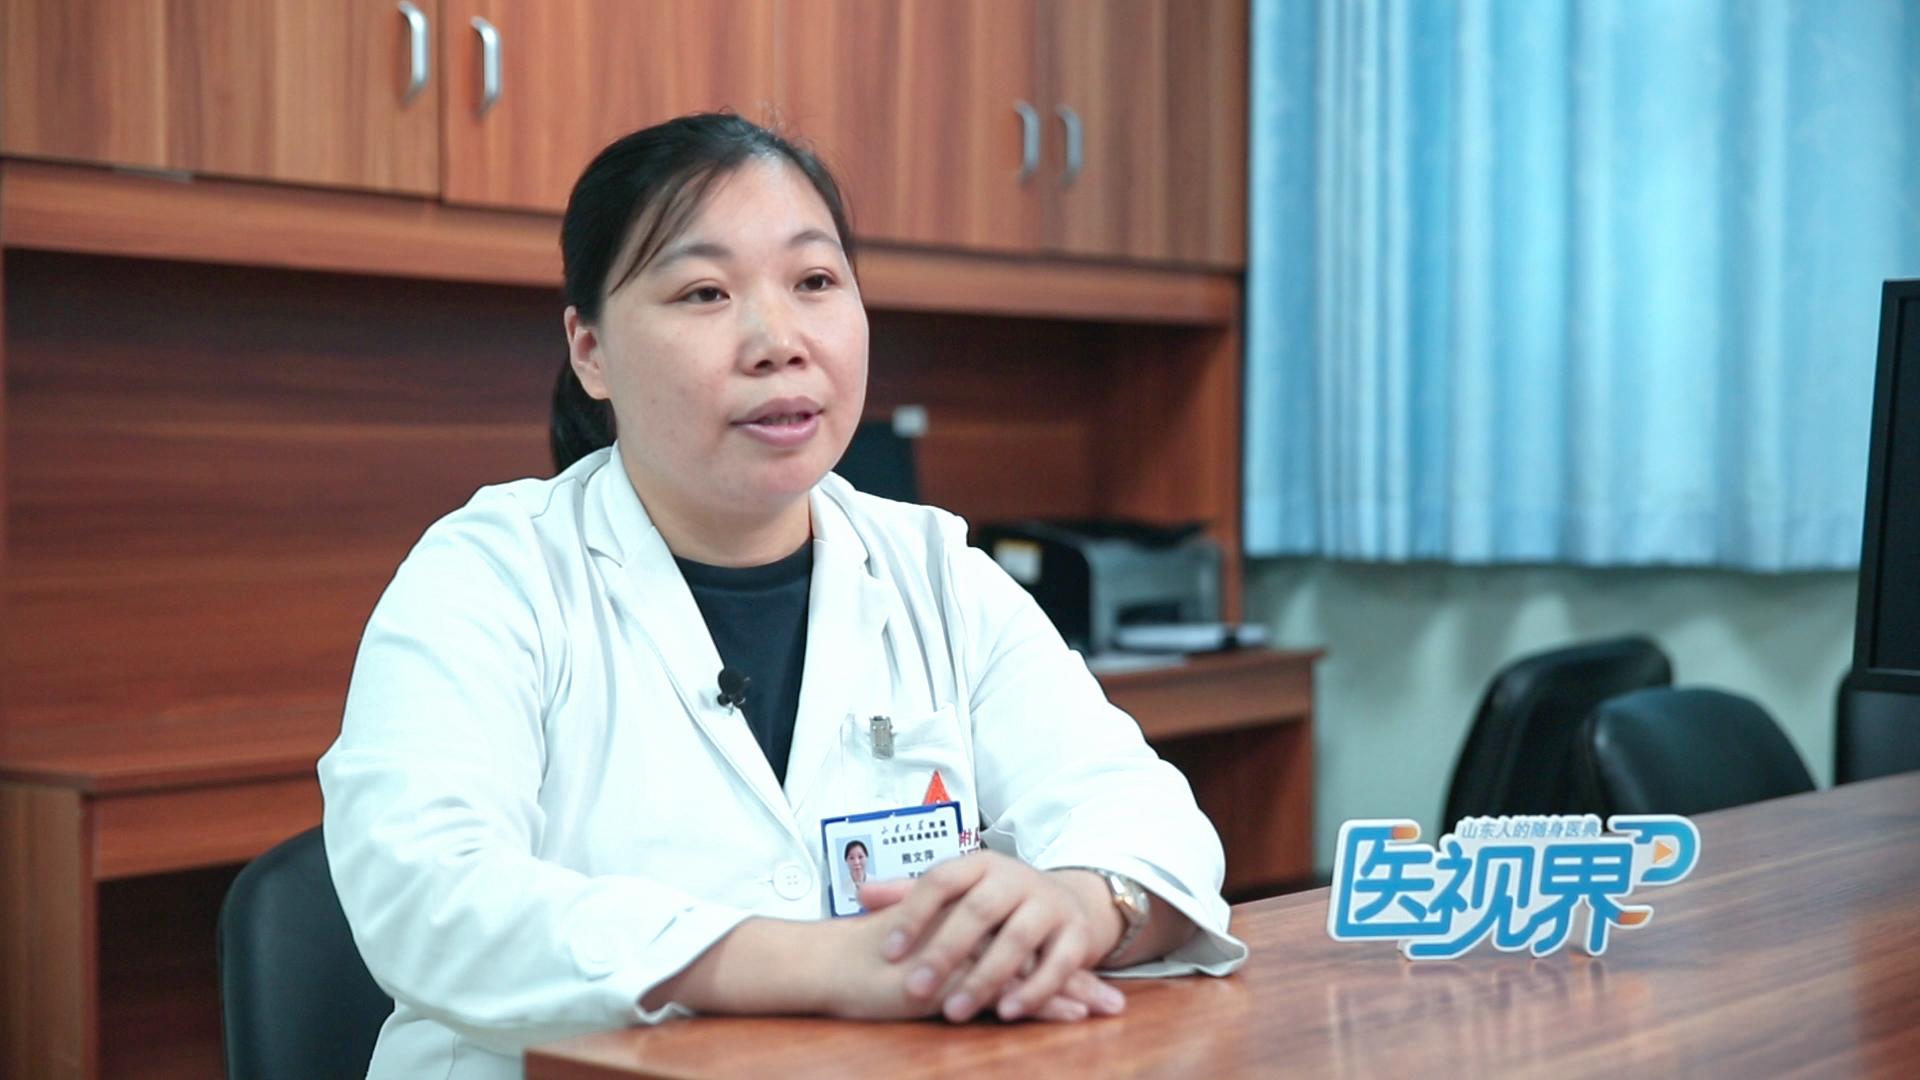 山东大学附属省耳鼻喉医院耳内科——熊文萍